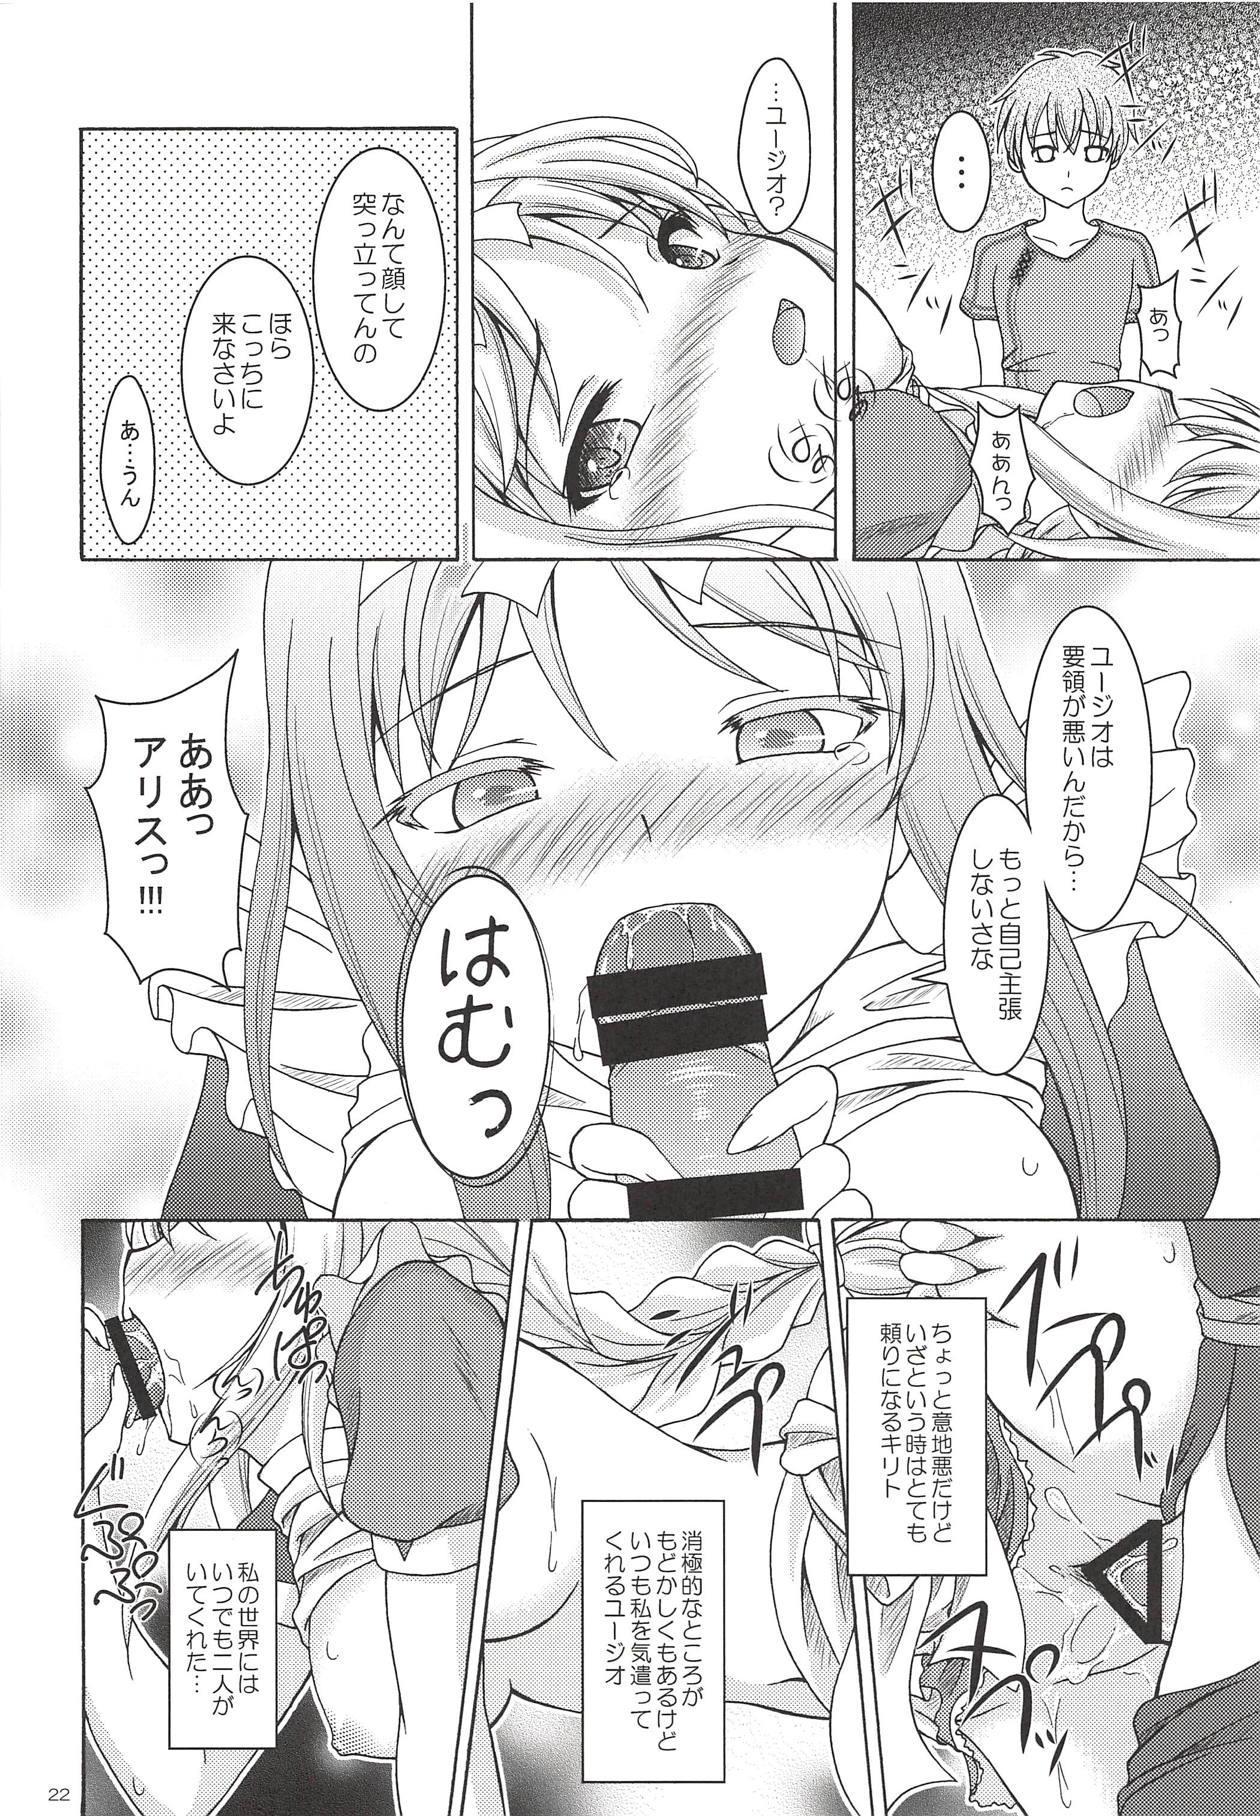 Alice no Yume 20